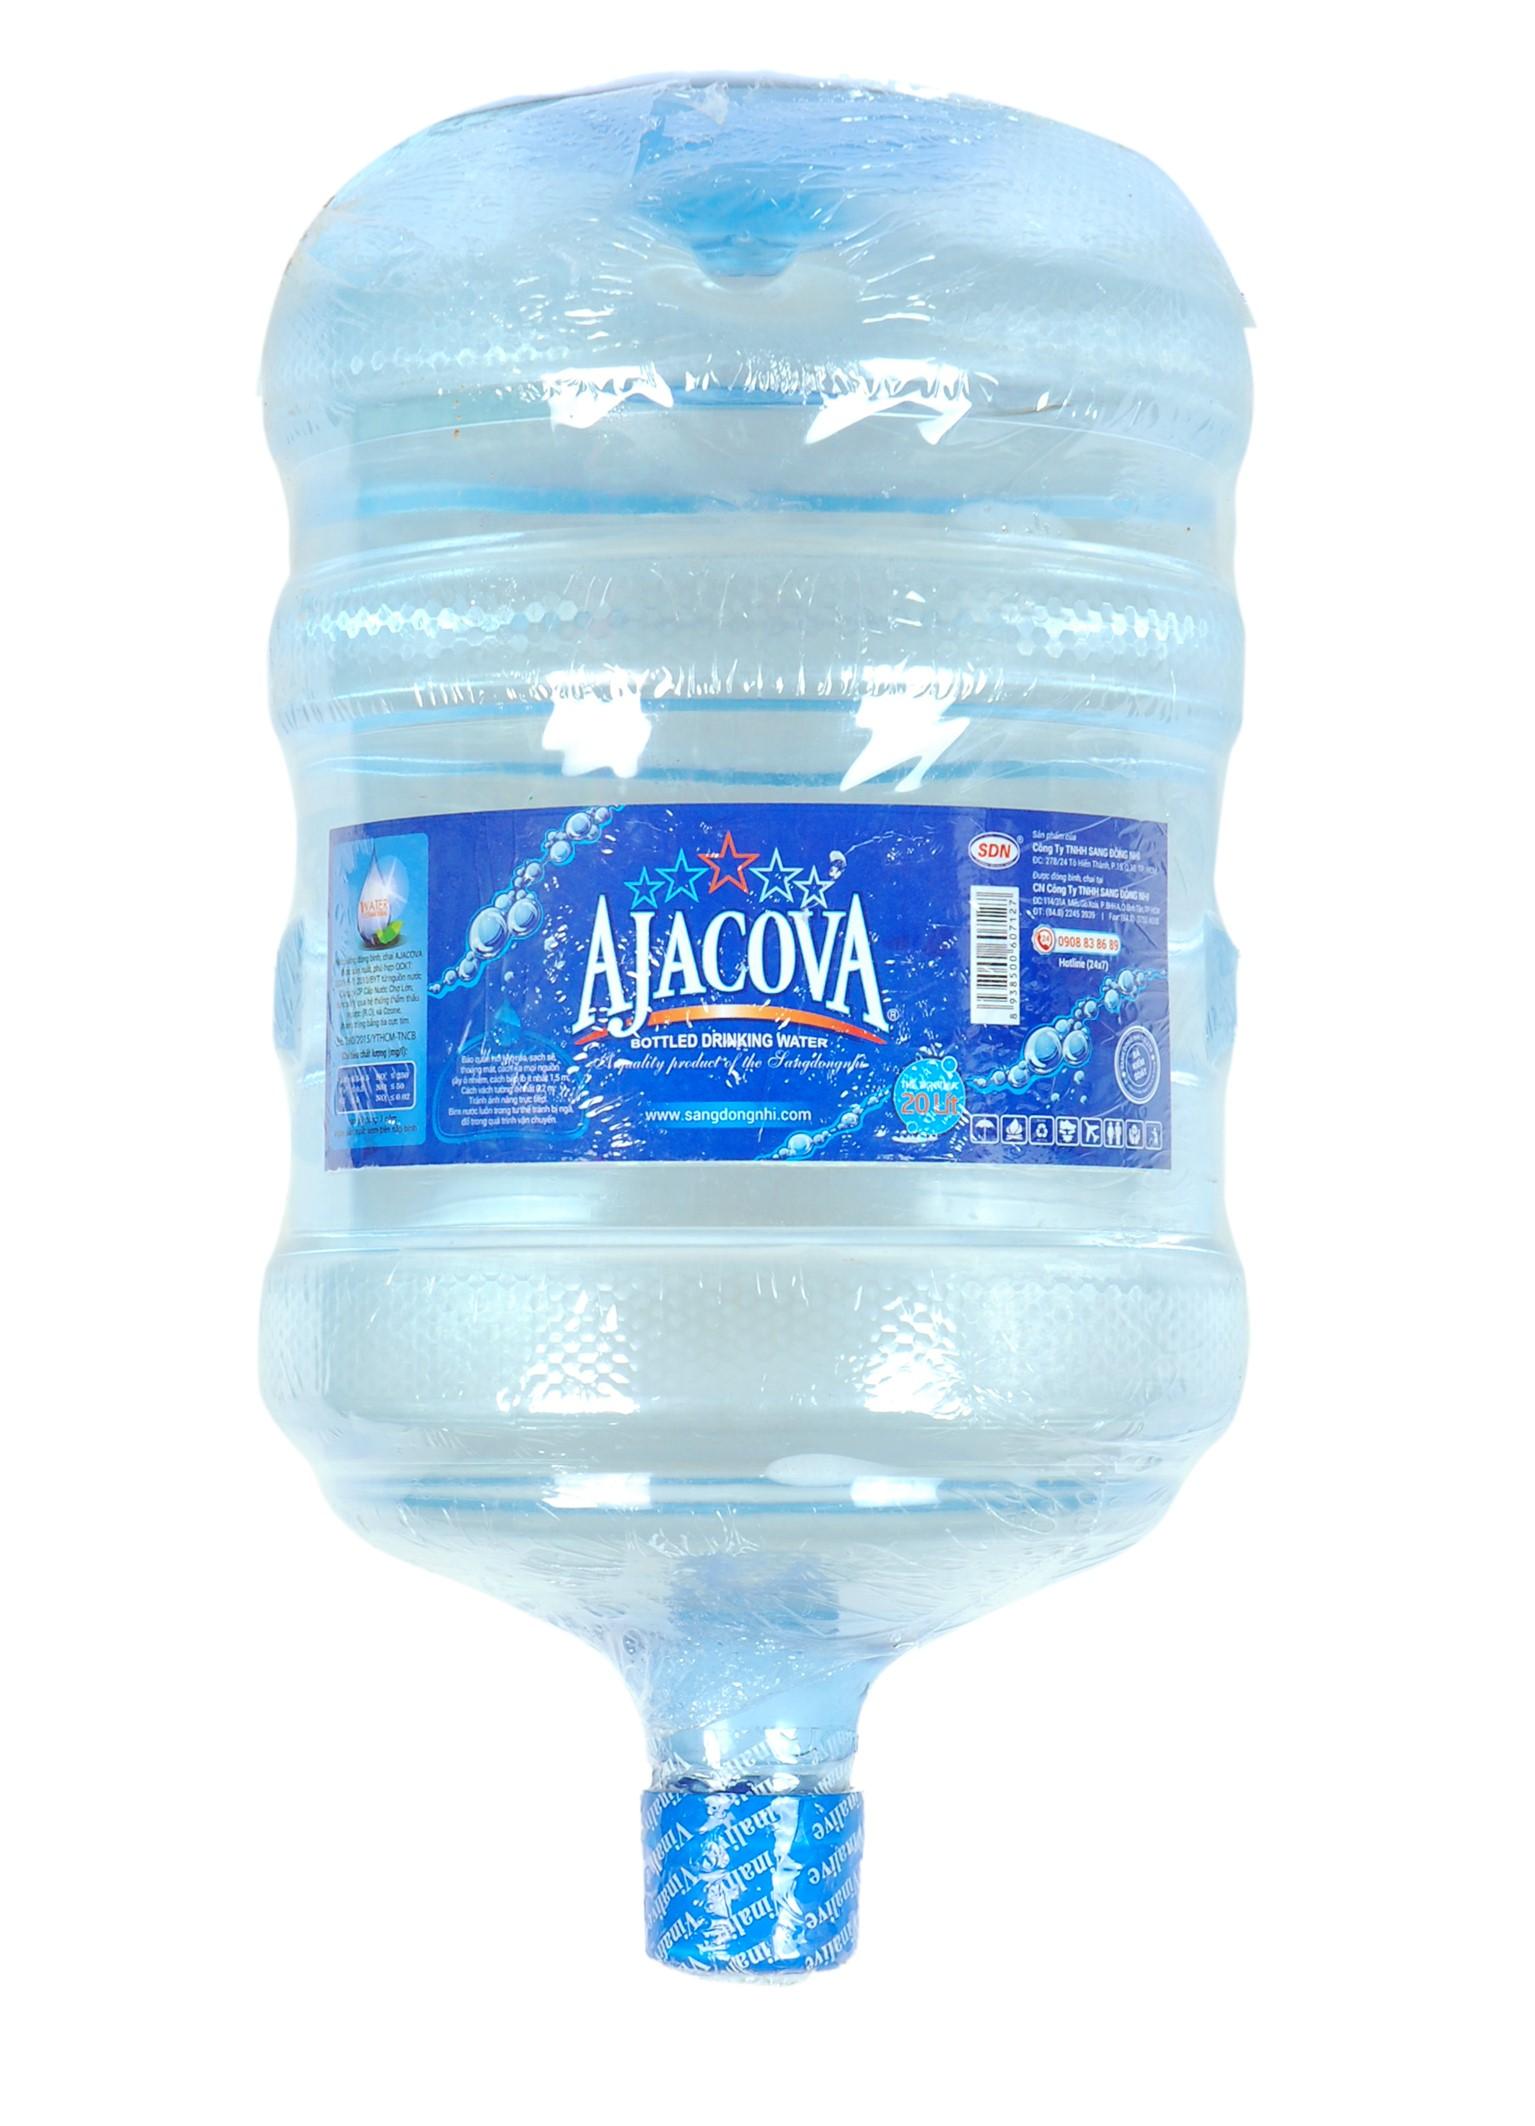 Vỏ bình nước Ajacova